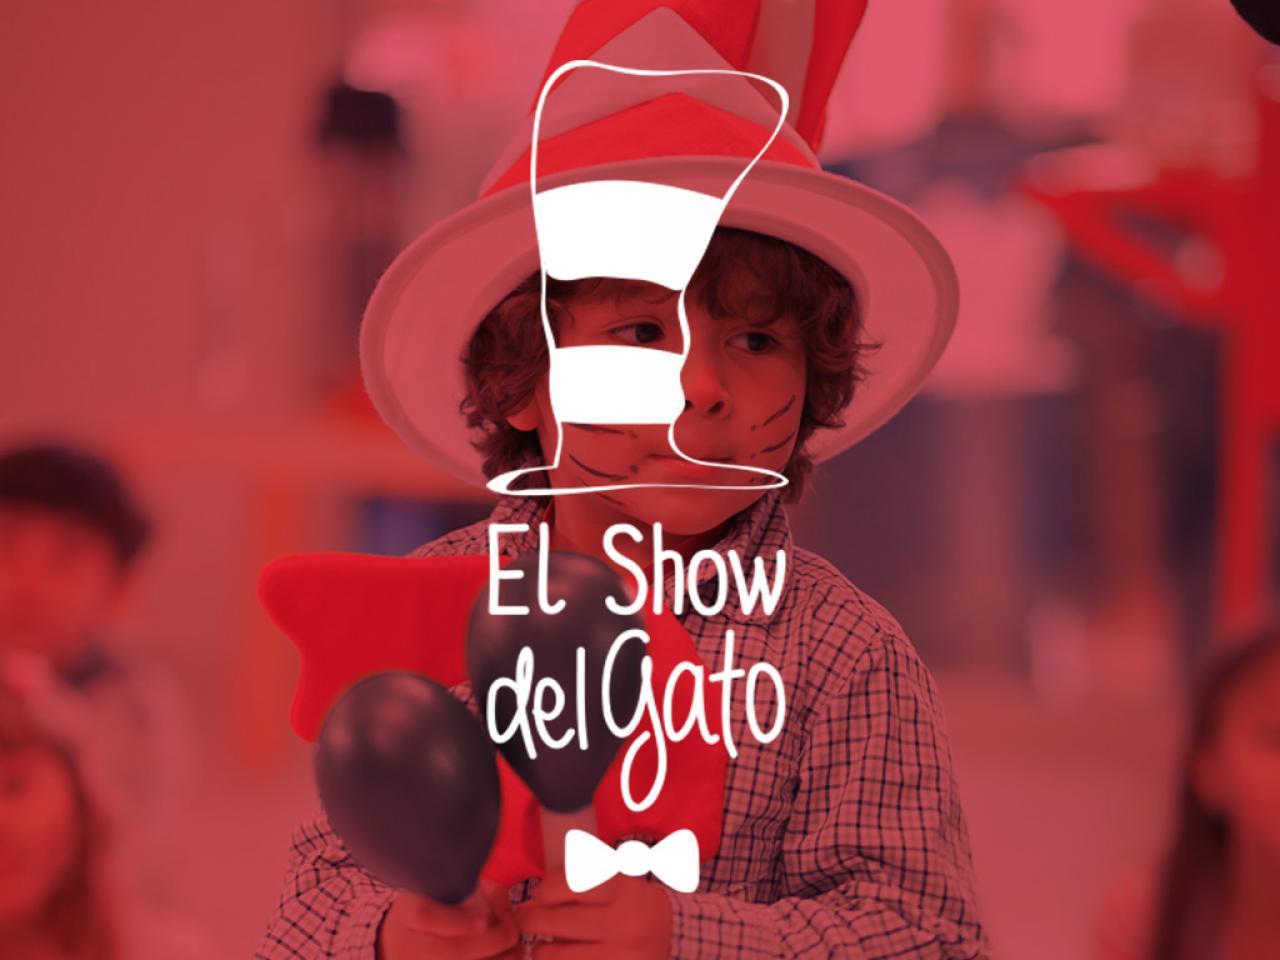 Imagen de El Show del Gato por Movidagrafica